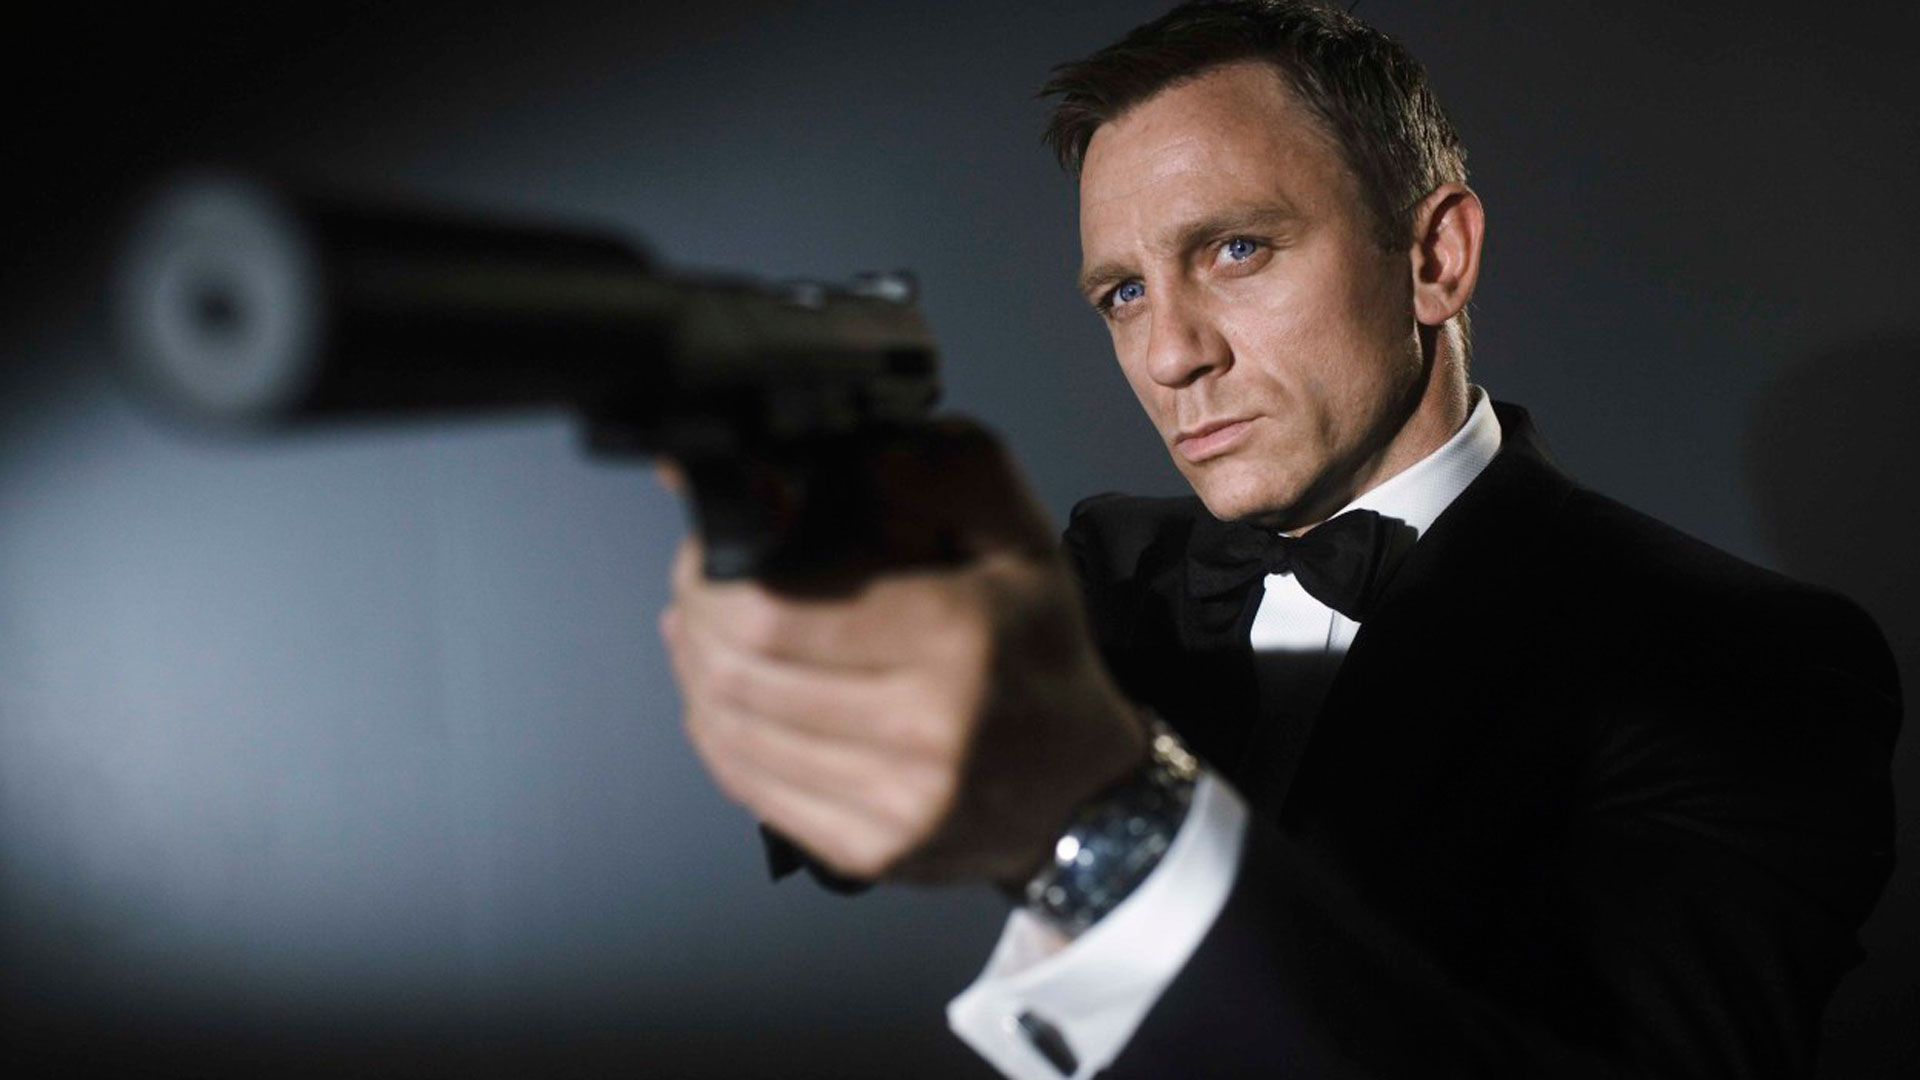 Daniel Craig, de 48 años, aún no confirmó si será parte de la nueva cinta de James Bond